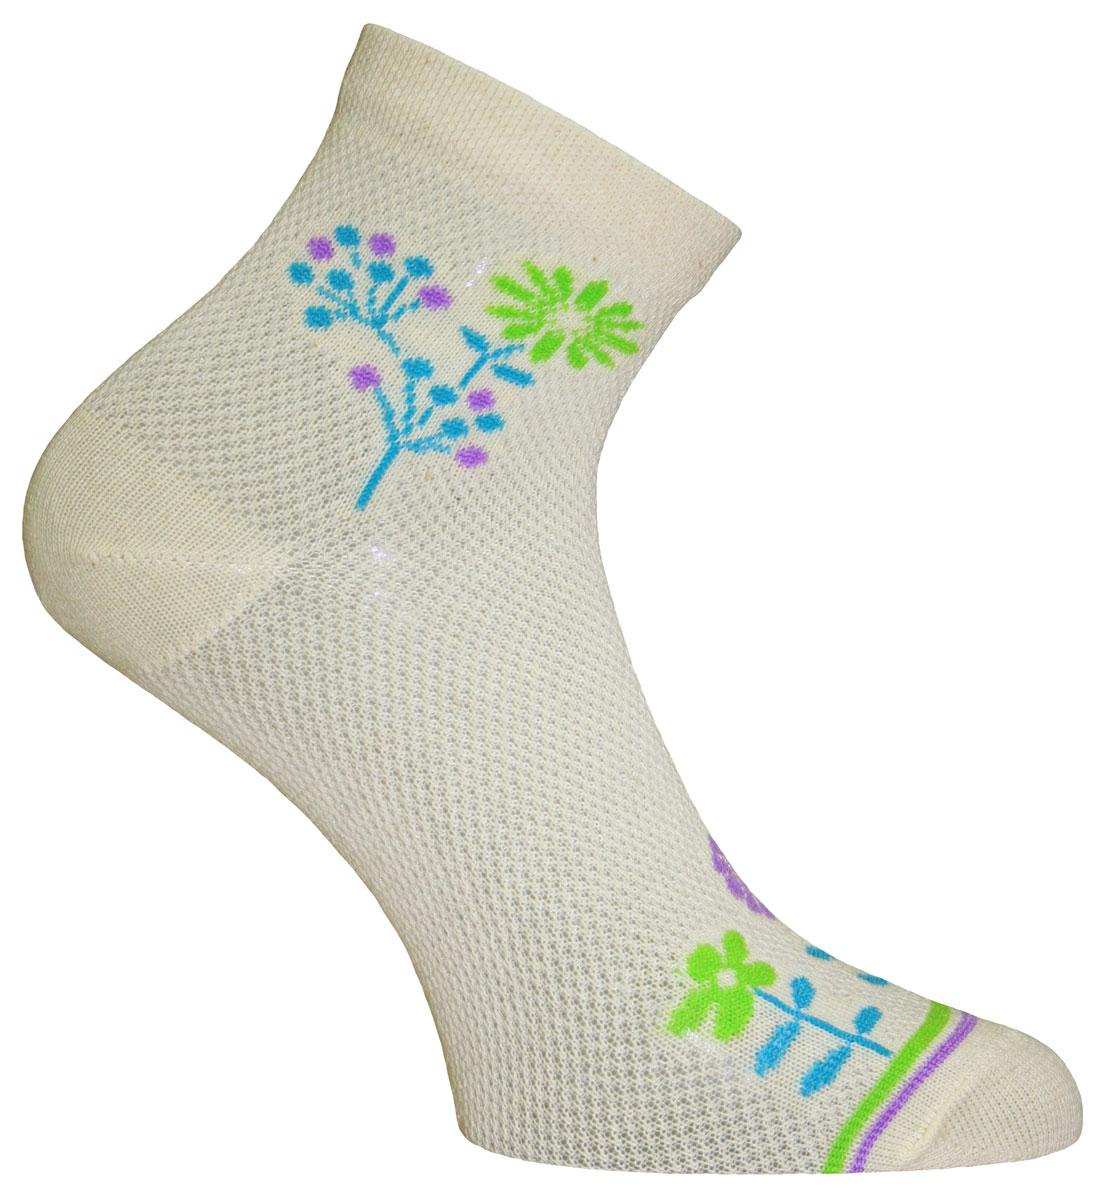 Носки женские Master Socks, цвет: бежевый, голубой. 55011. Размер 2355011Удобные носки Master Socks, изготовленные из высококачественного комбинированного материала, очень мягкие и приятные на ощупь, позволяют коже дышать. Эластичная резинка плотно облегает ногу, не сдавливая ее, обеспечивая комфорт и удобство. Носки с паголенком классической длины оформленыоригинальным принтом в нижней и верхней частях носка. Практичные и комфортные носки великолепно подойдут к любой вашей обуви.